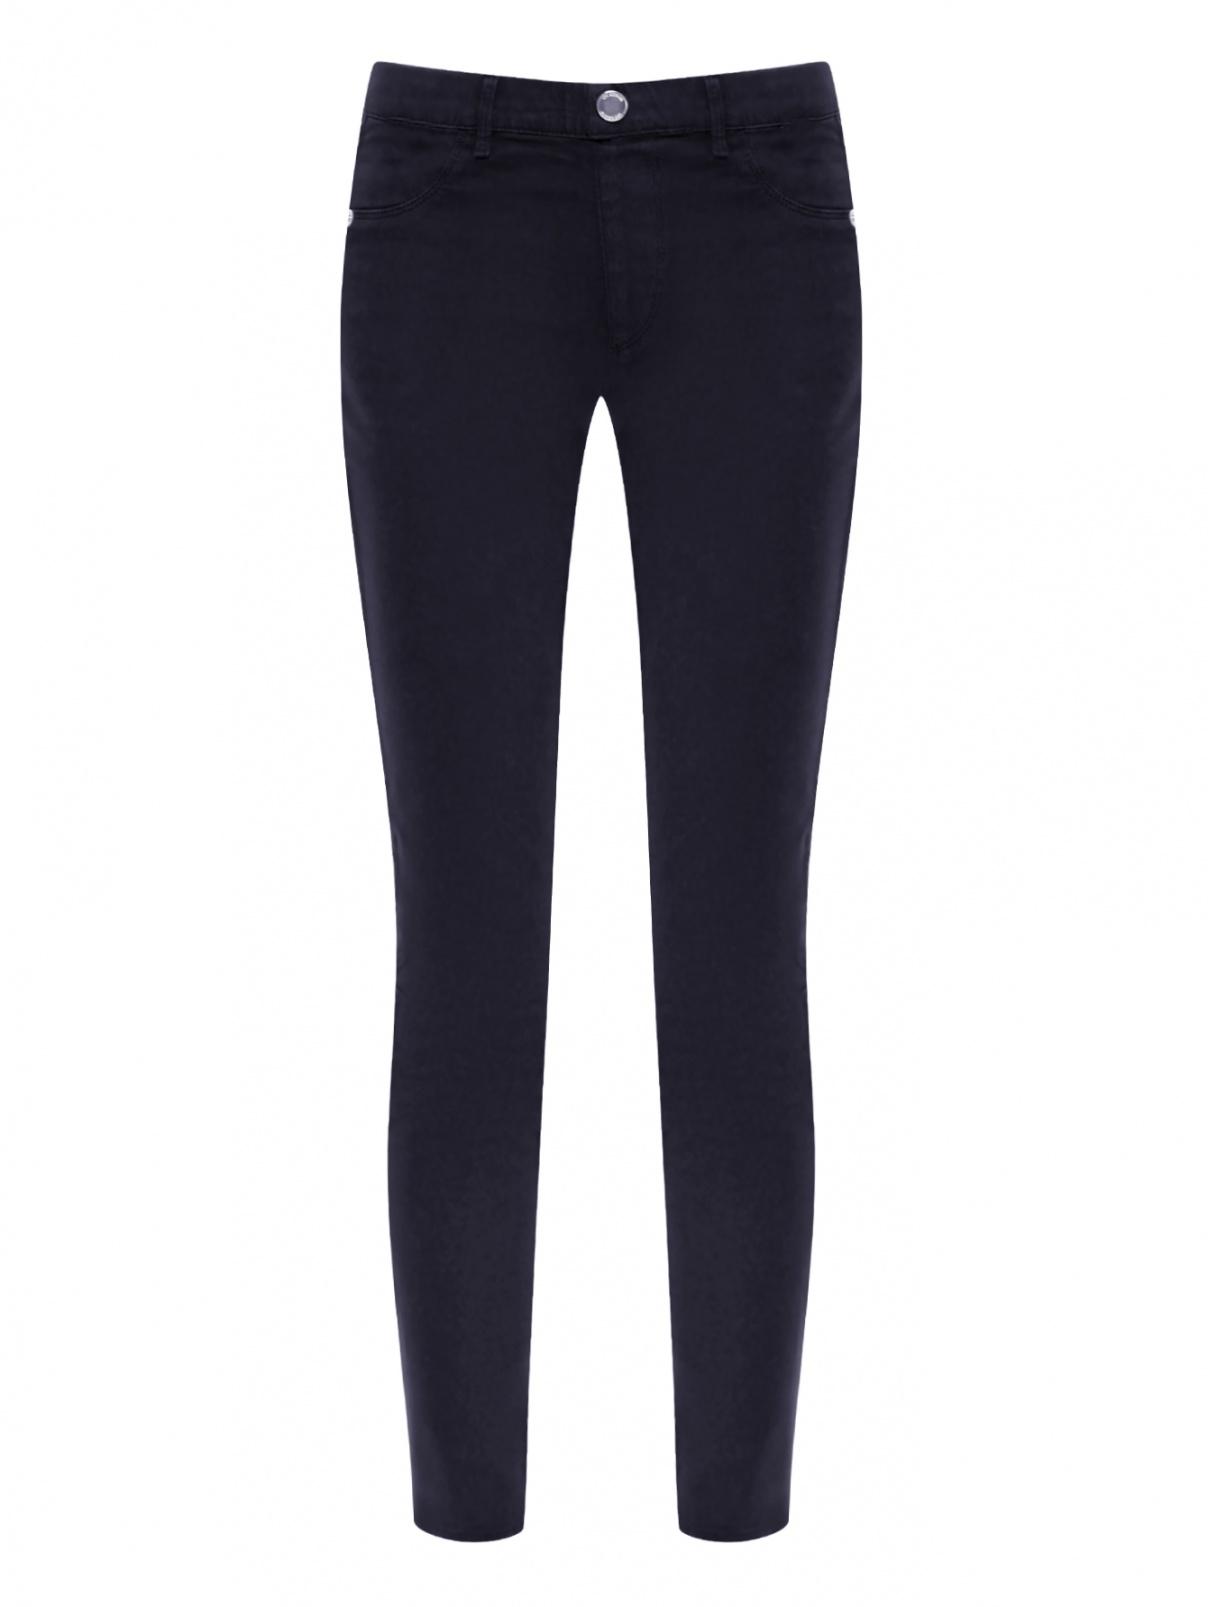 Однотонные брюки из хлопка Love Moschino  –  Общий вид  – Цвет:  Черный